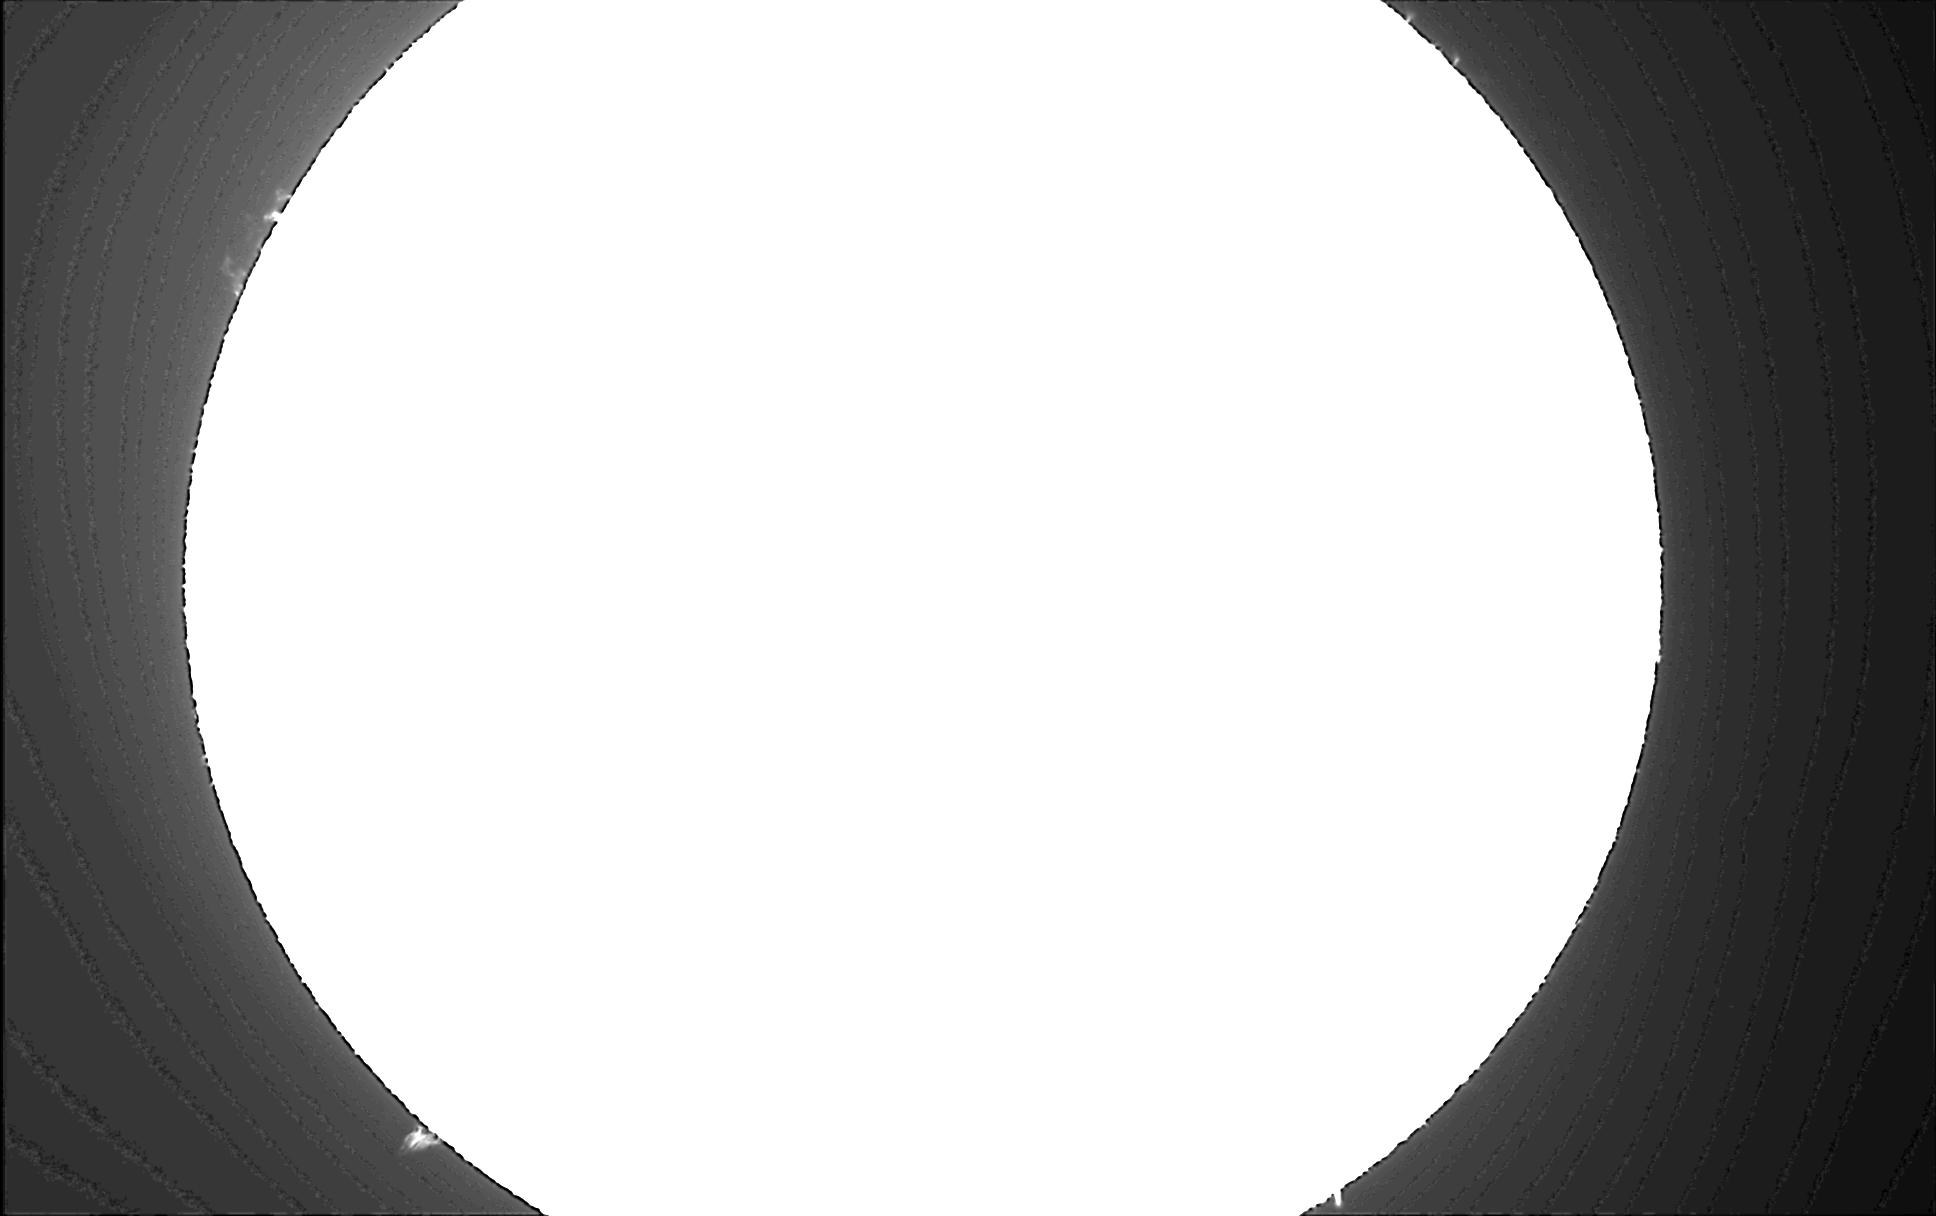 2020 10 24 1256 Disque H-alpha